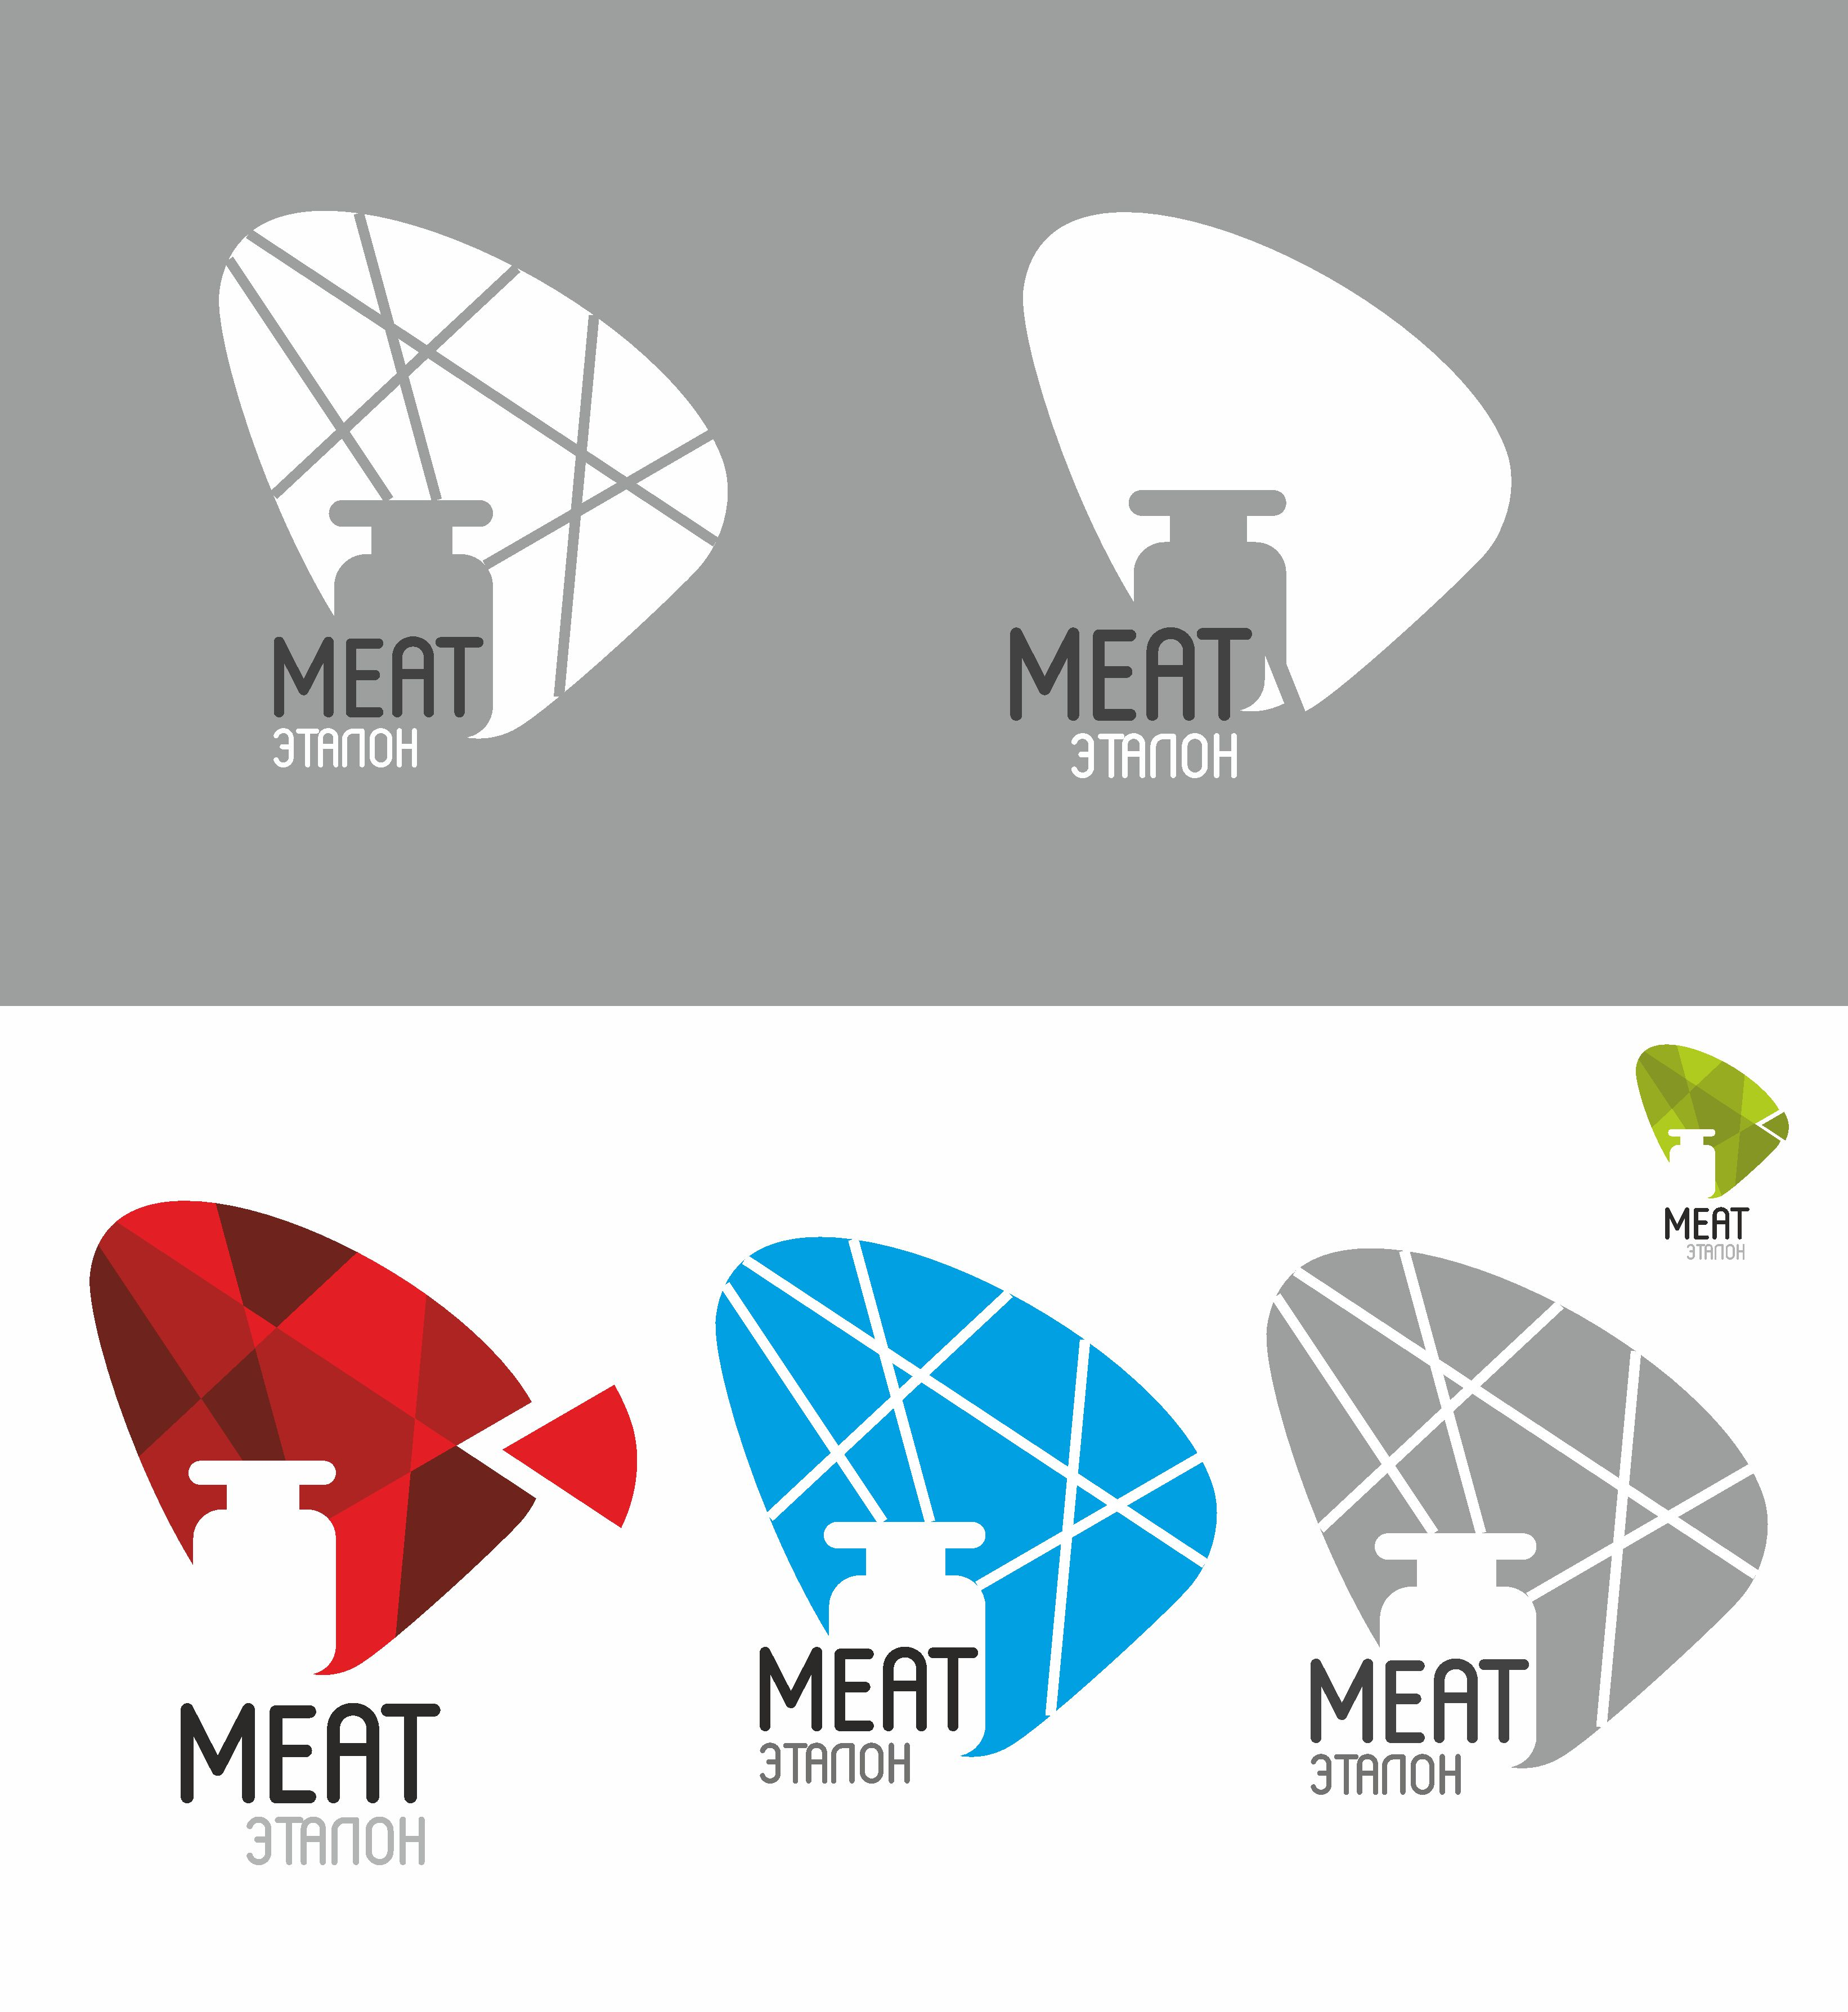 Логотип компании «Meat эталон» фото f_49656f2a2c312277.jpg